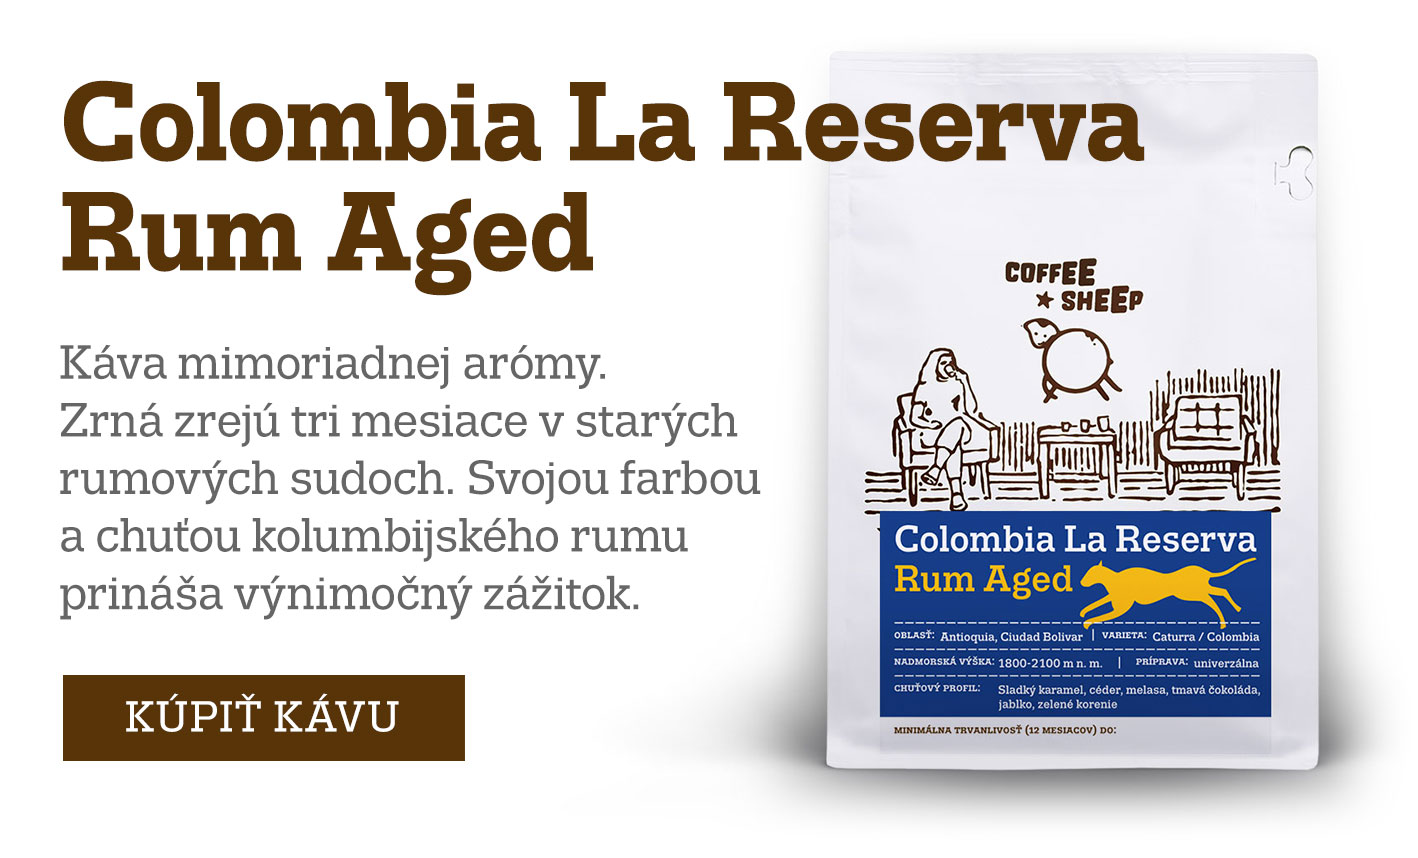 Colombia La Reserva Rum Aged